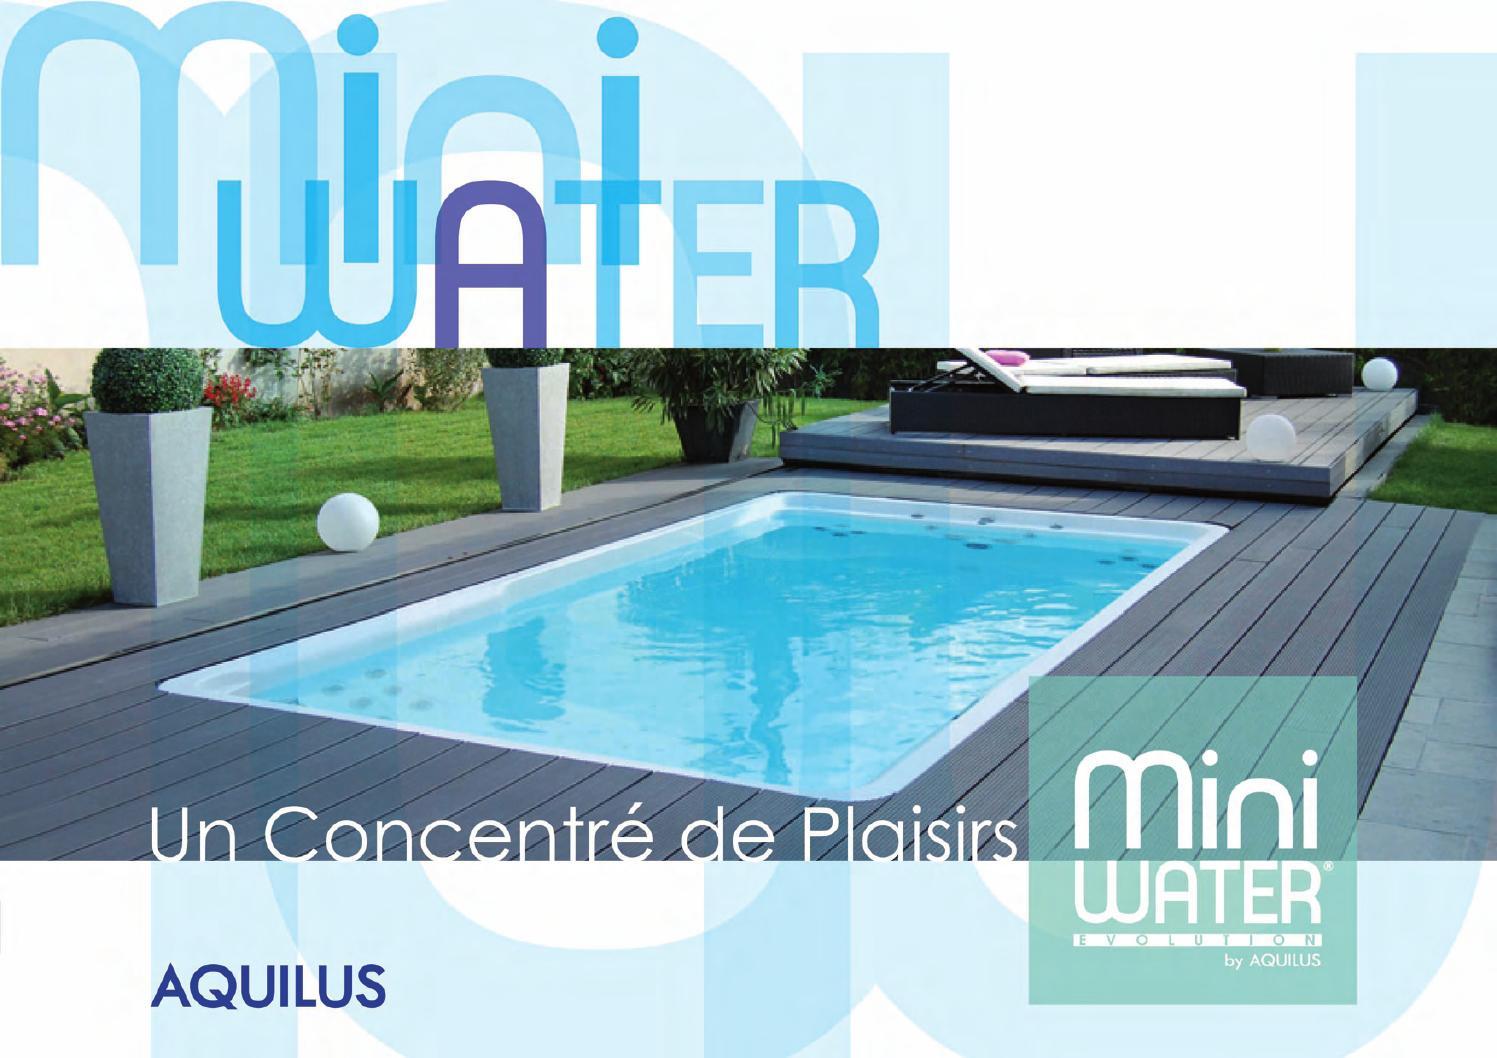 Plaquette Mini Water Évolution By Aquilus Piscines Et Spas ... destiné Piscine Aquilus